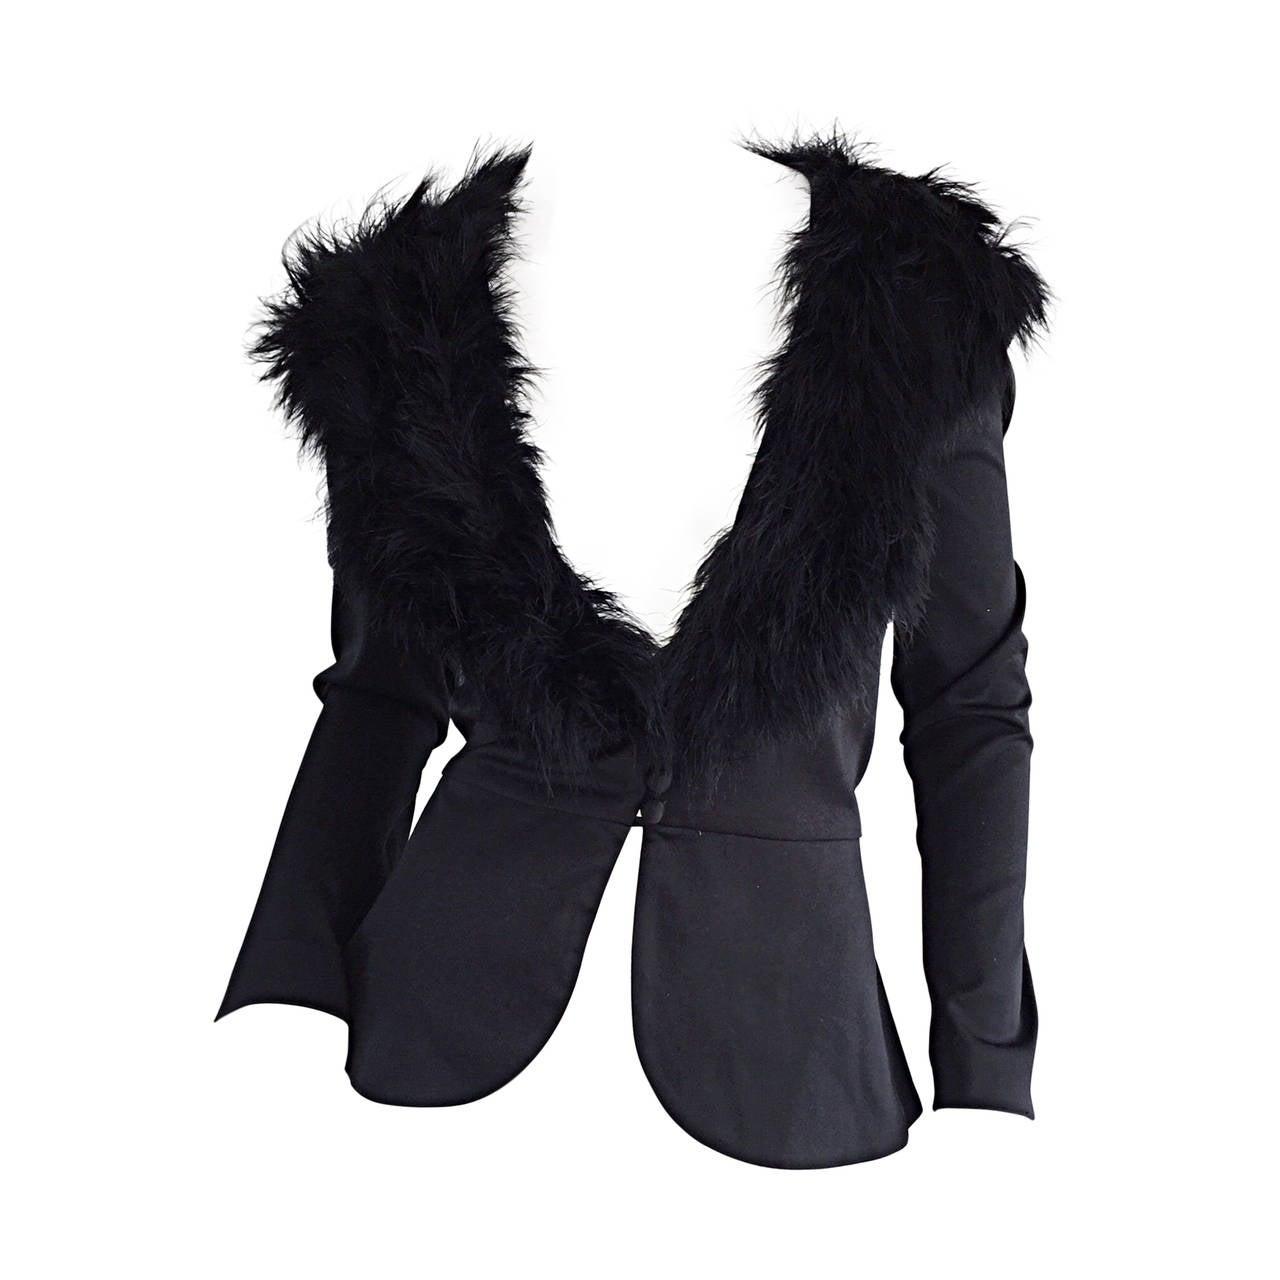 Sensational Vintage Lilli Diamond Black Feather Jacket Cardigan ...